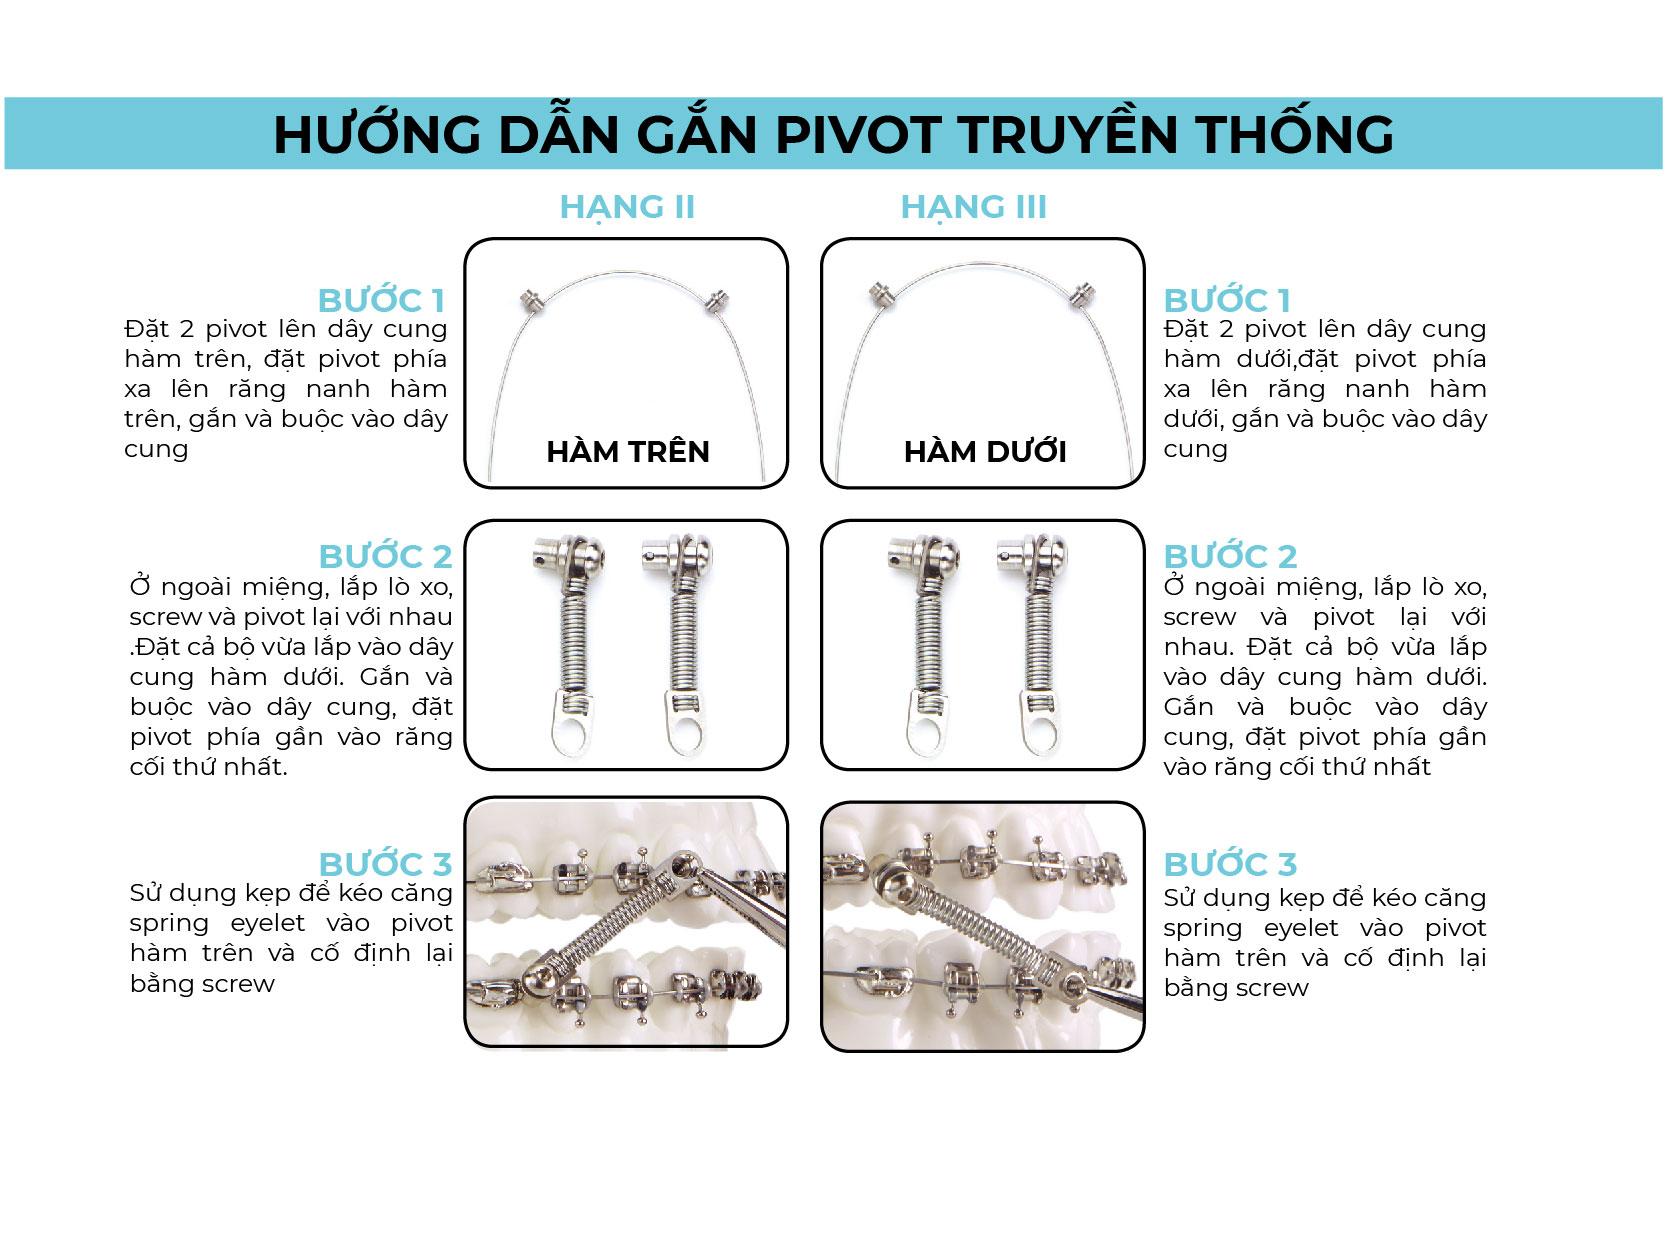 Gắn pivot truyền thống giải pháp chỉnh nha CS4